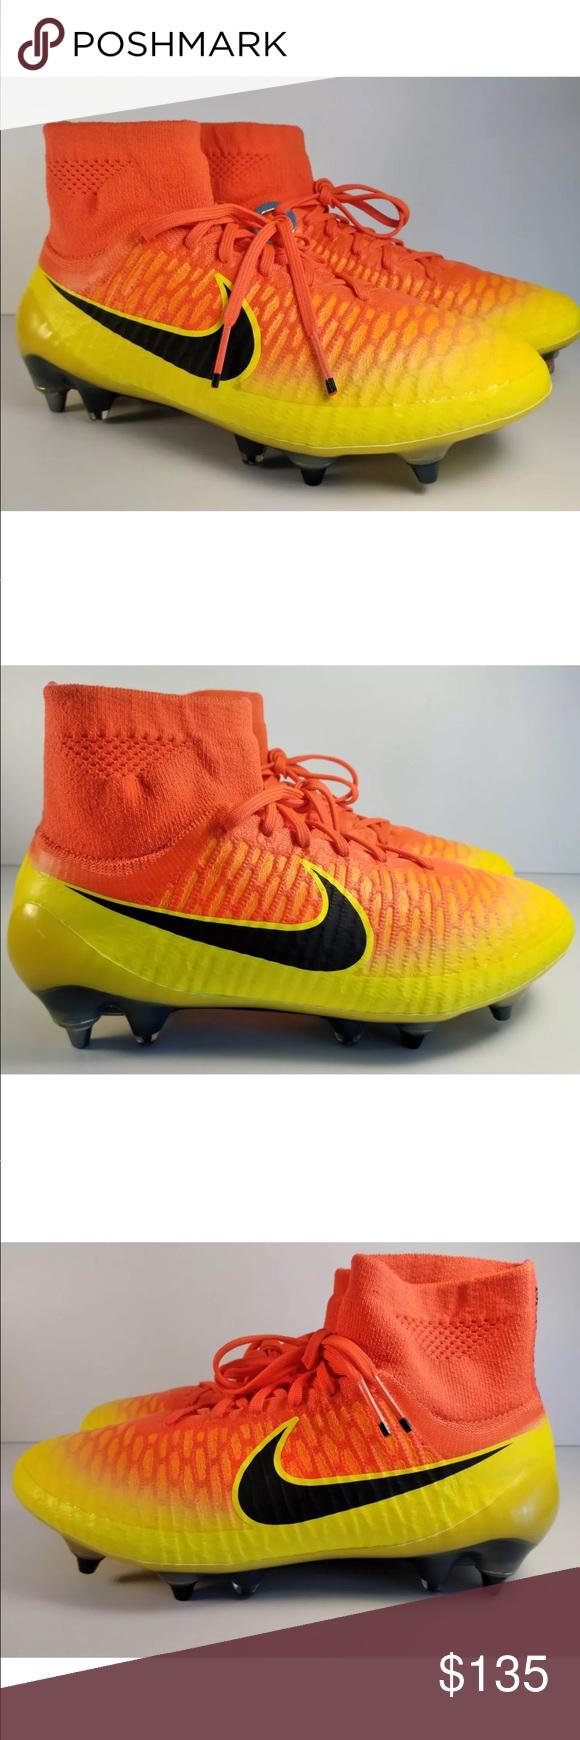 Nike Magista Obra FG Cawila Teamsport